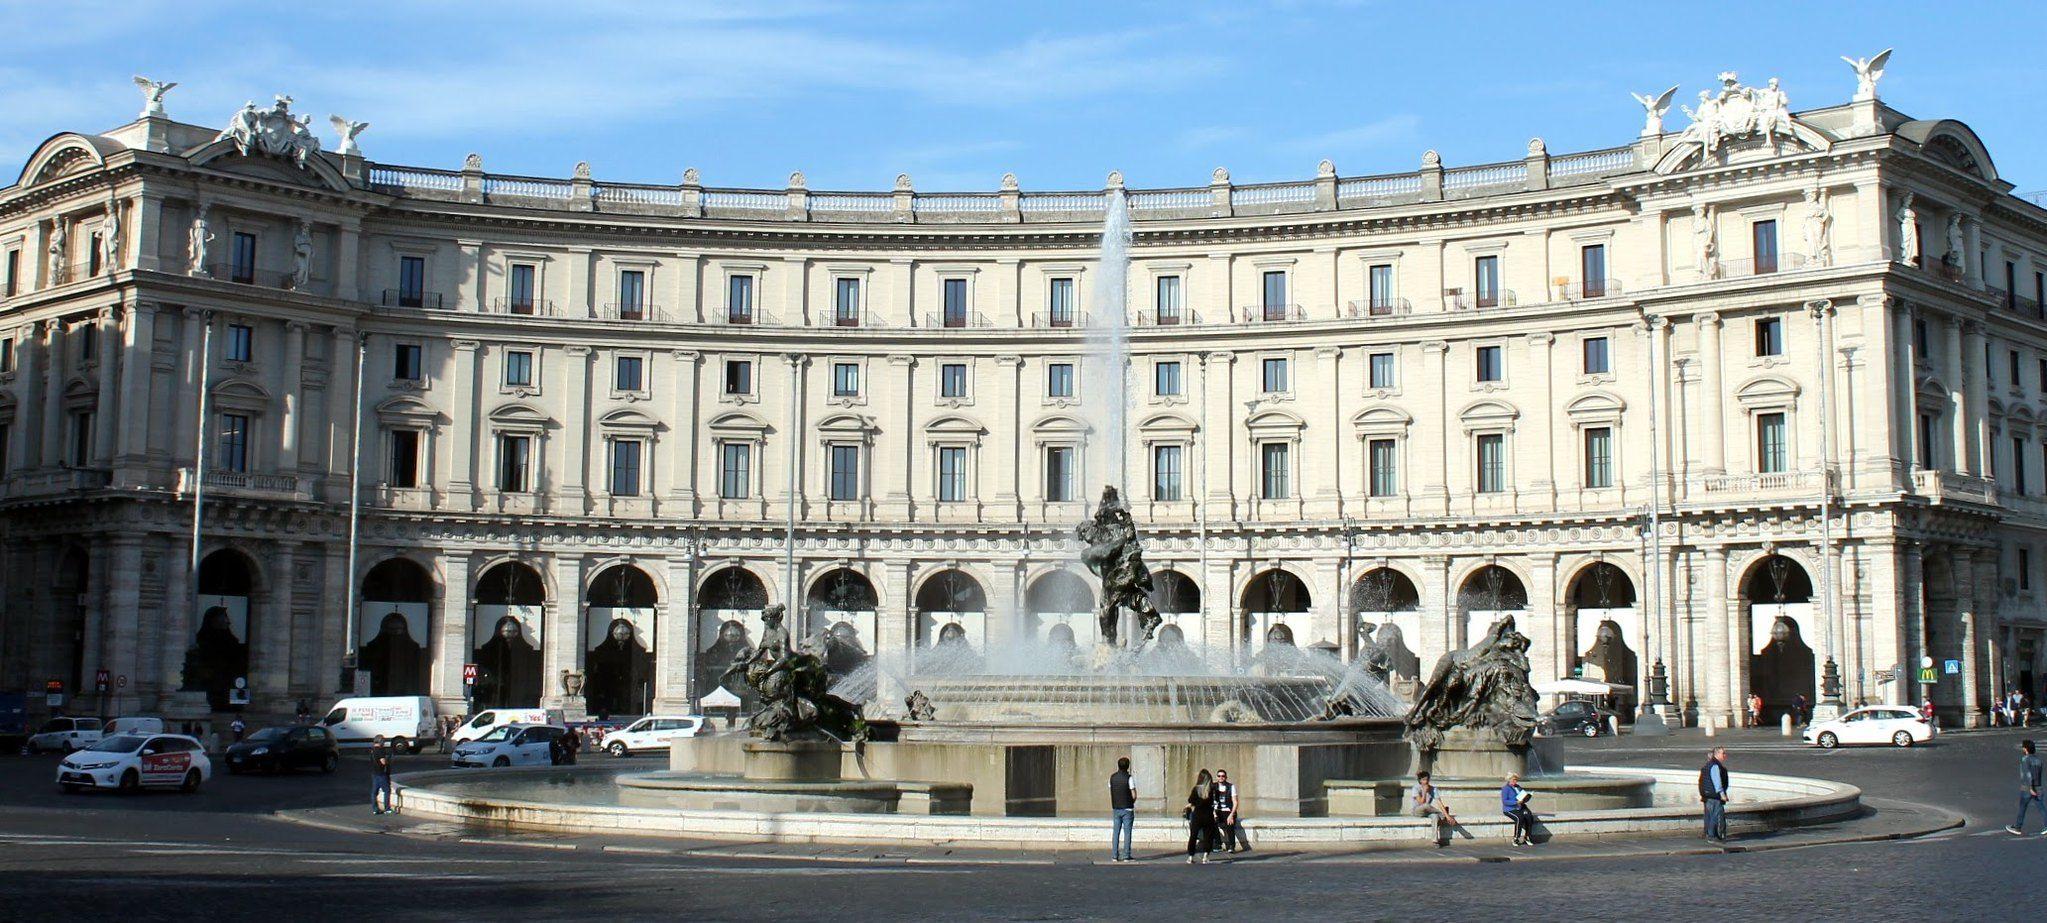 Fountain Of The Naiads Piazza Della Repubblica Rome Rome Photo Rome Walking Tour